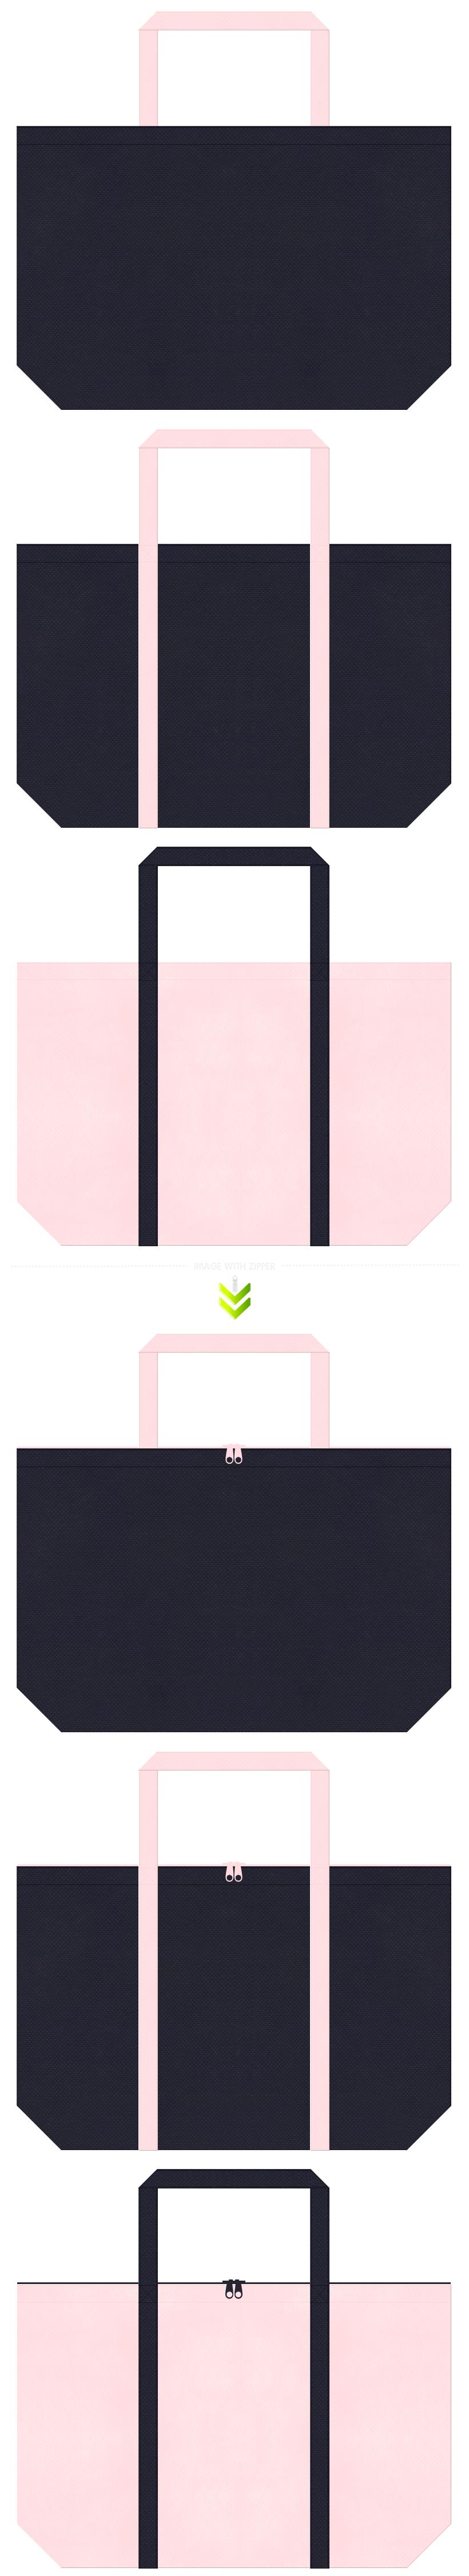 学校・学園・オープンキャンパス・学習塾・レッスンバッグ・スポーツ用品のショッピングバッグにお奨めの不織布バッグデザイン:濃紺色と桜色のコーデ